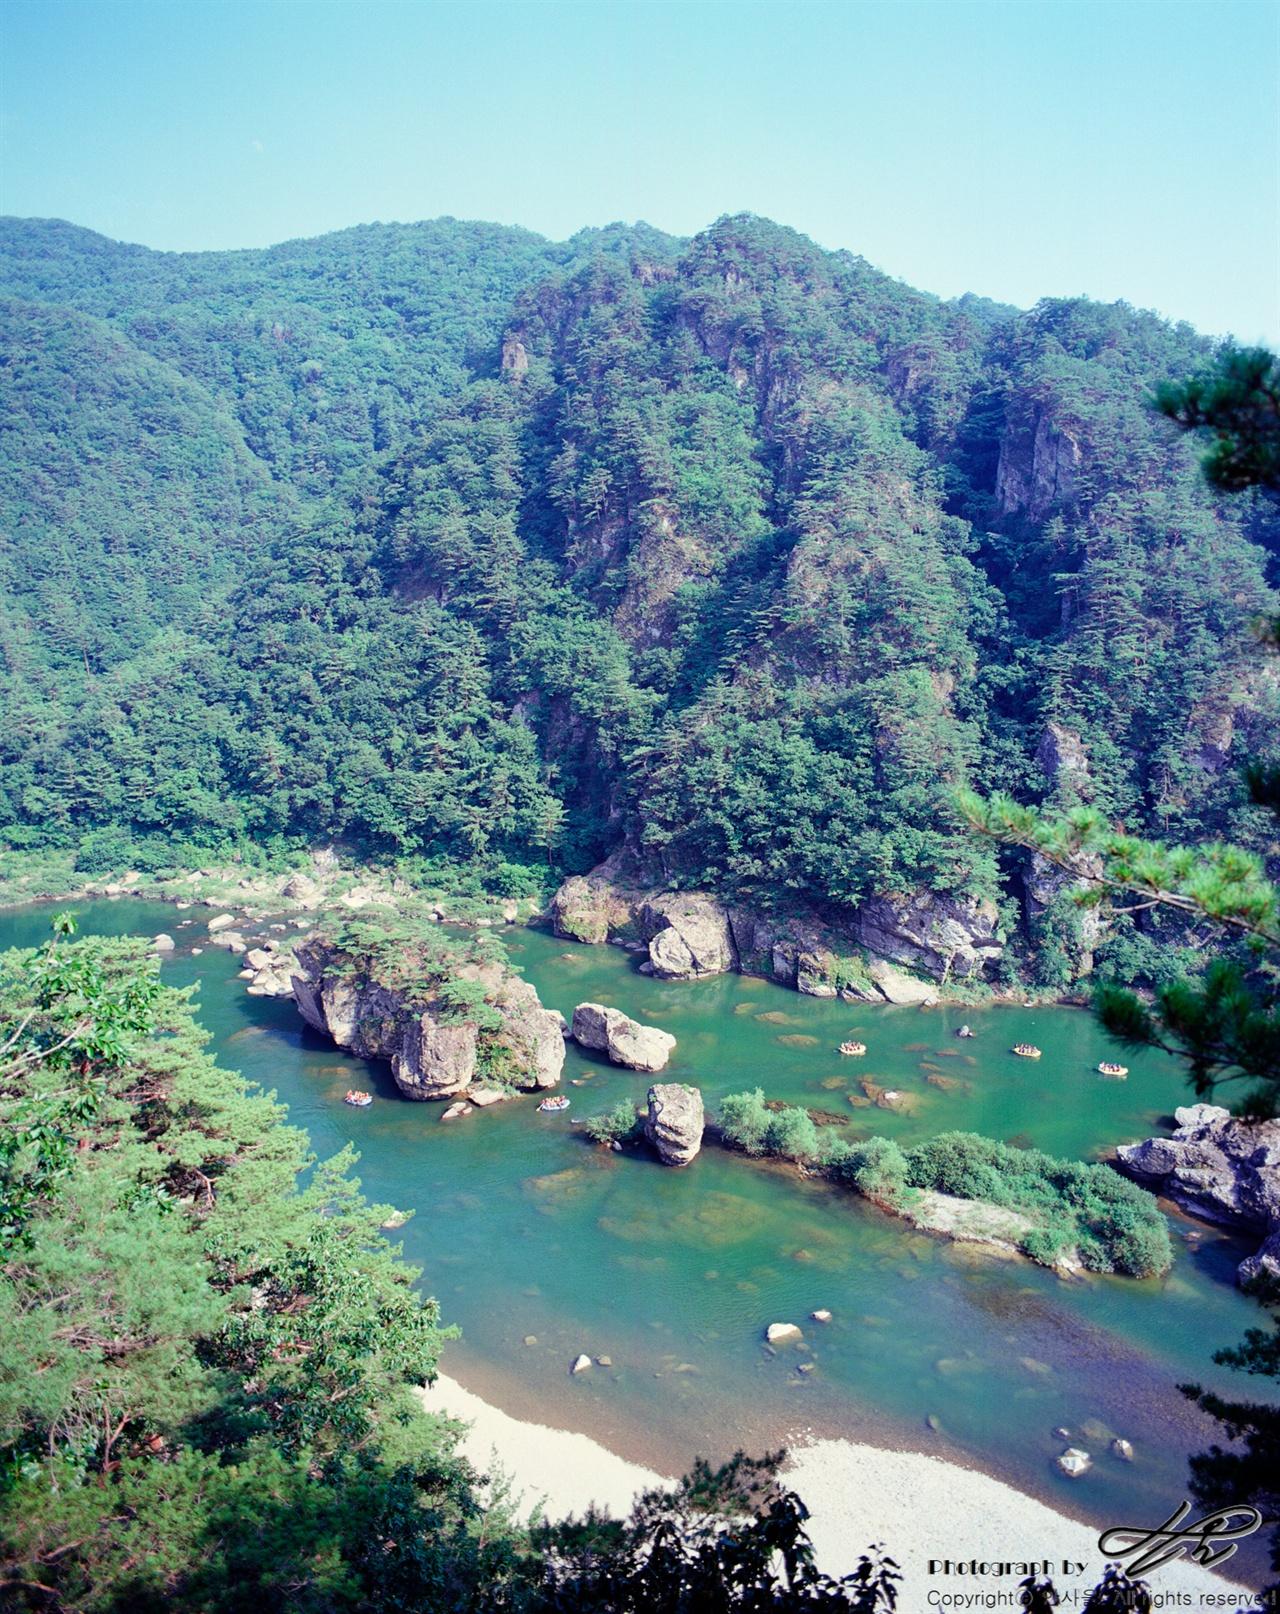 전망바위에서 (6*7중형/Ektar100)수면 위 보트들의 크기를 보면 강과 바위들의 규모를 짐작할 수 있다.